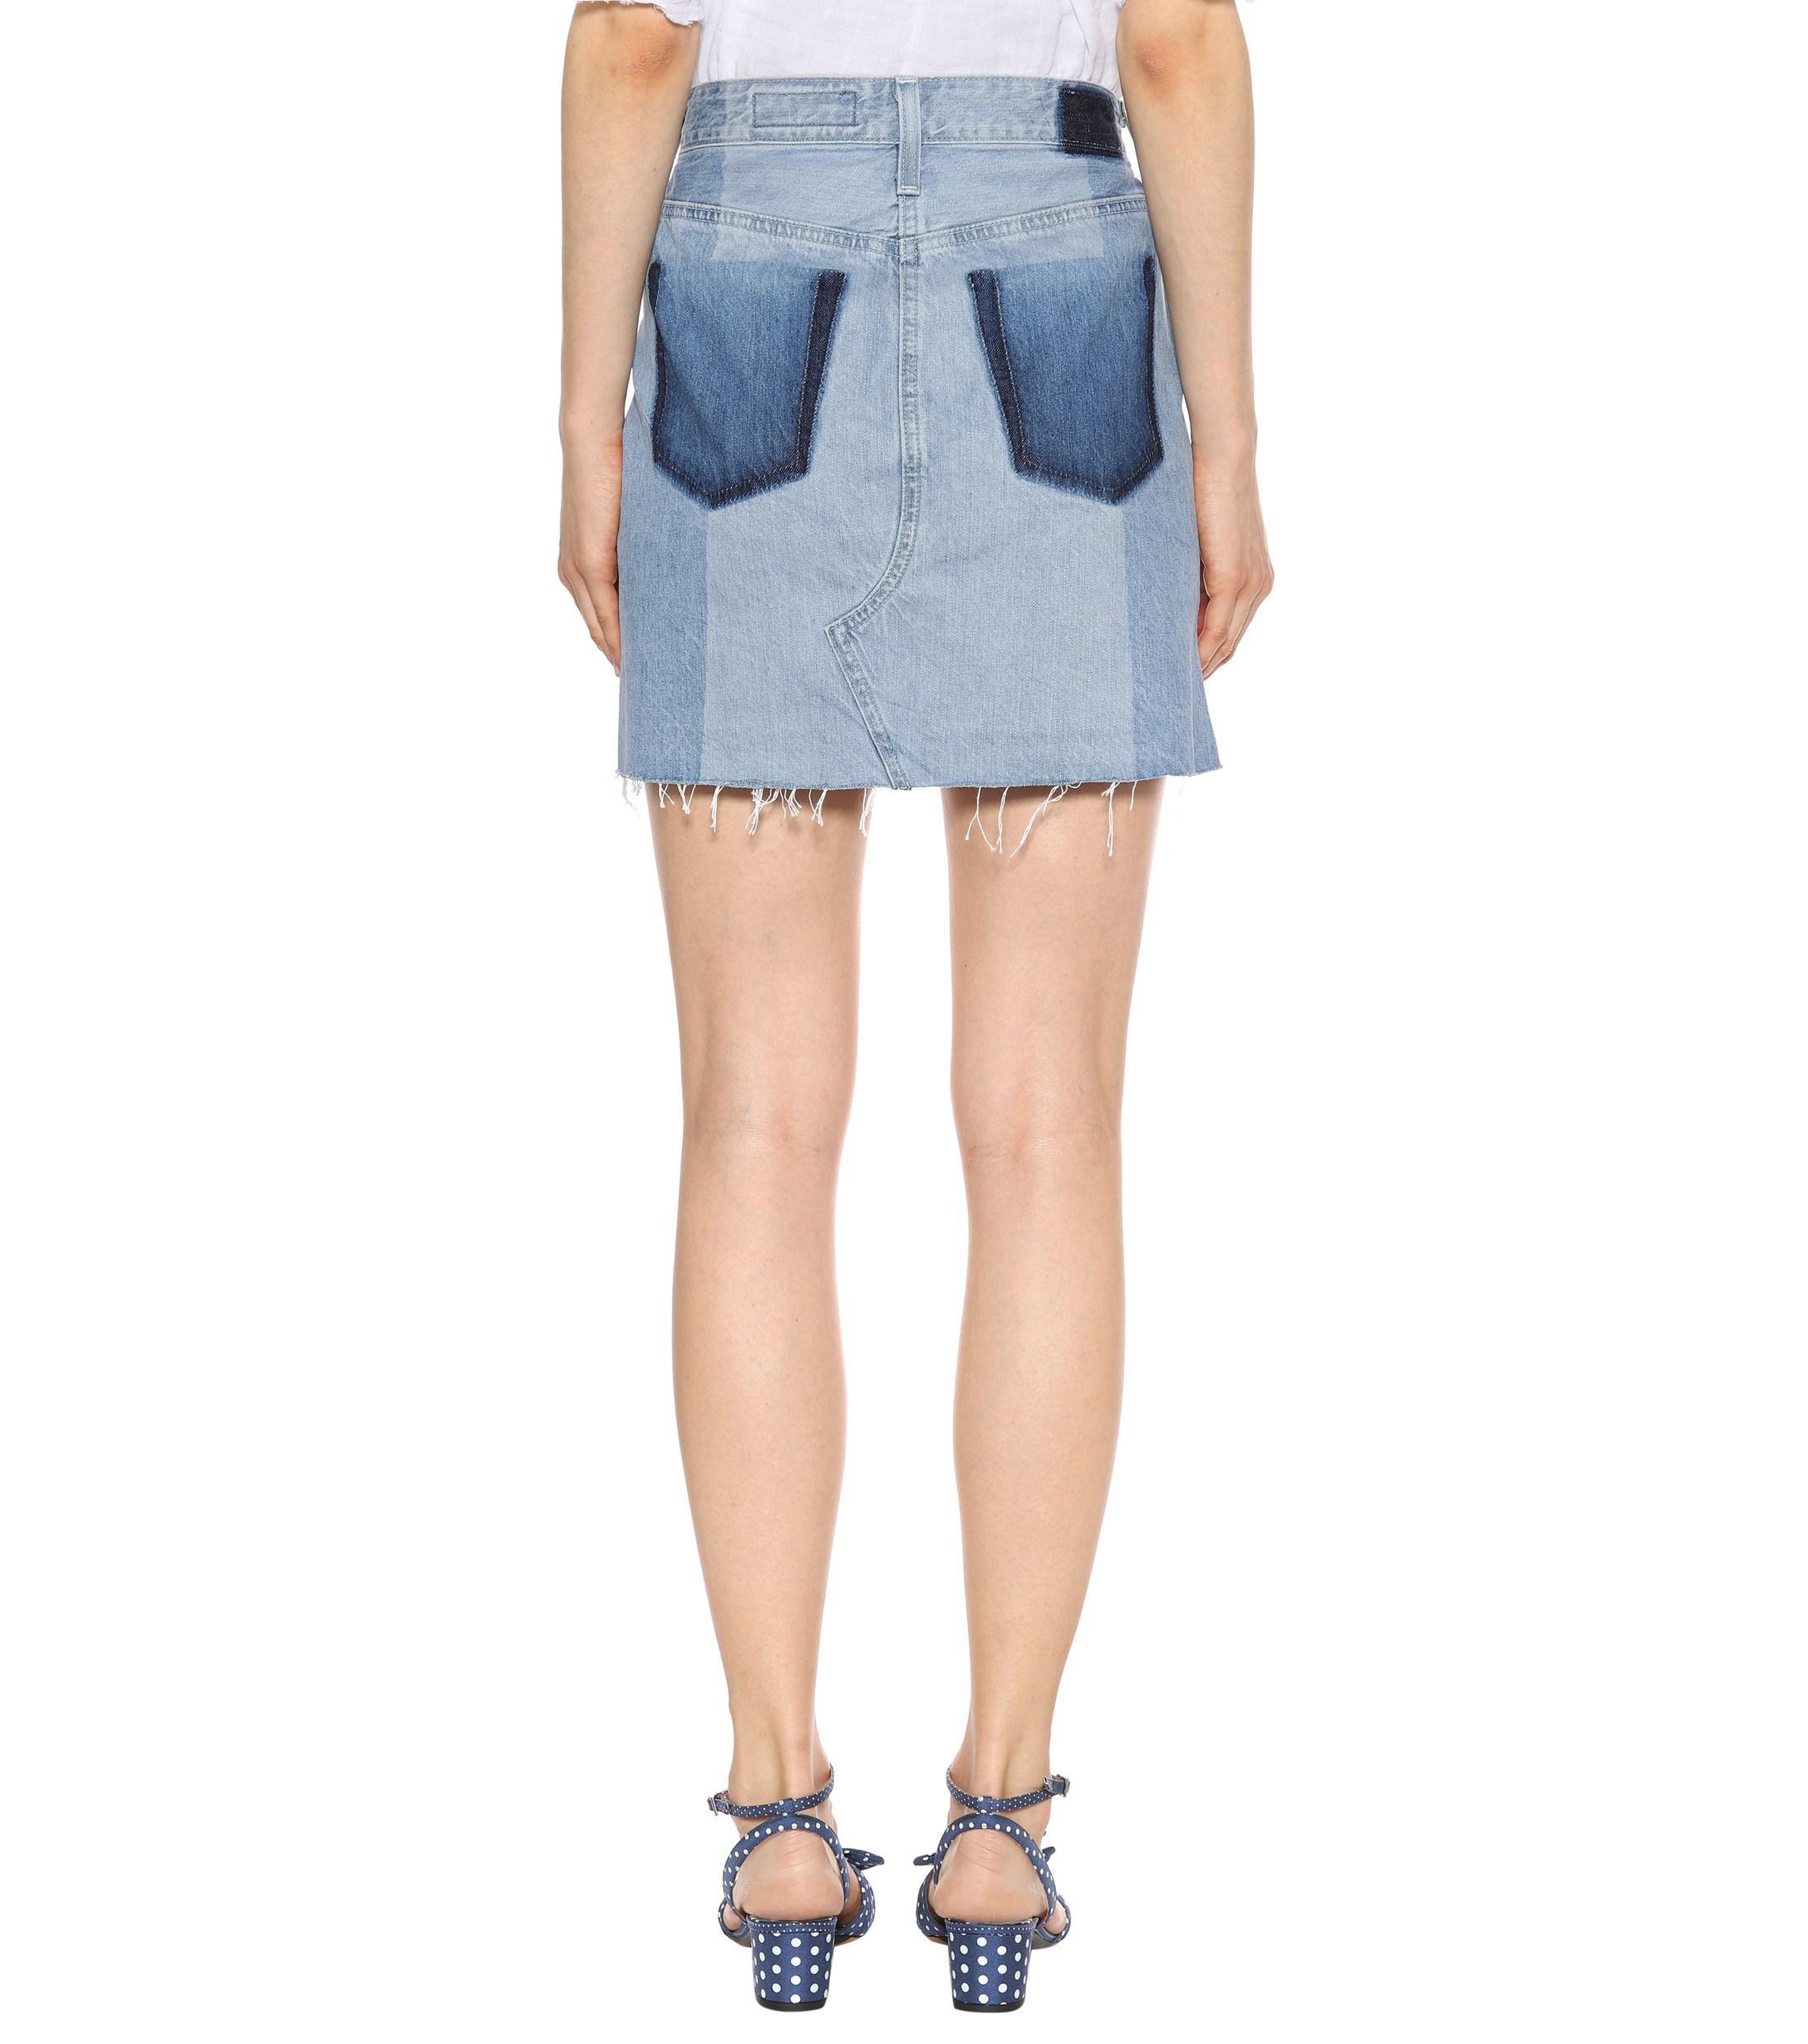 AG Jeans The Sandy Denim Miniskirt in Blue